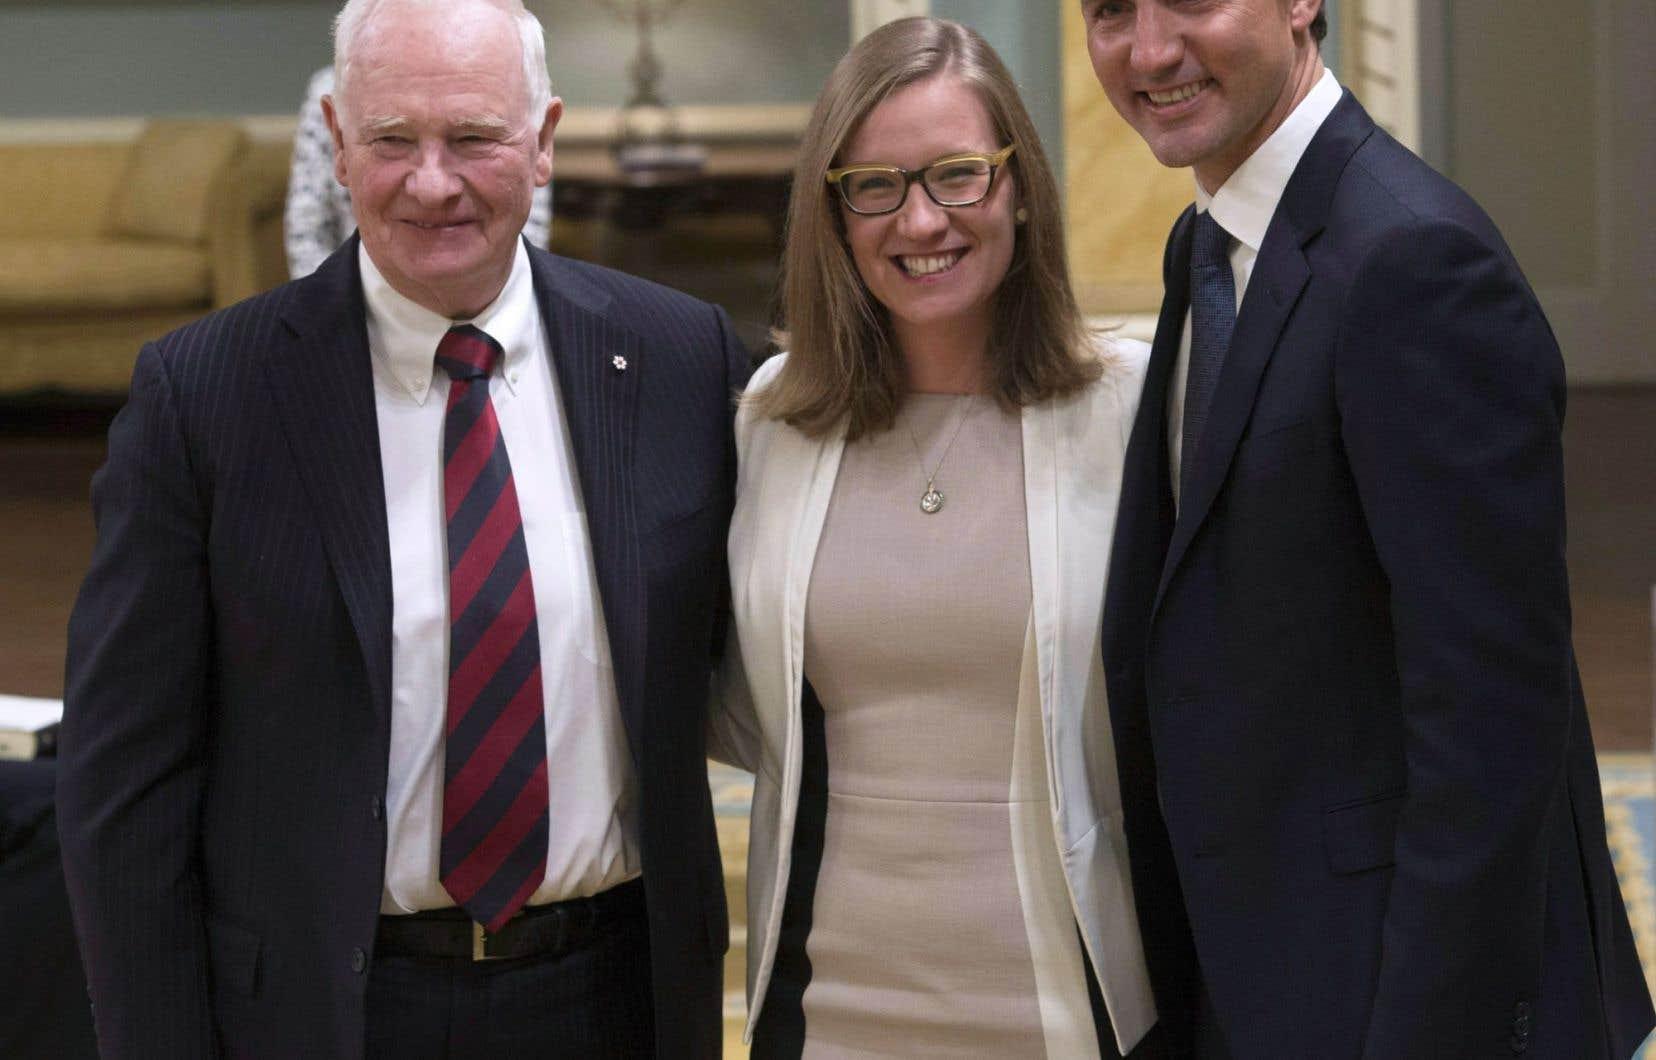 La ministre Karina Gould (centre) s'est, pour l'instant, seulement engagée à se familiariser avec le dossier de la réforme électorale.